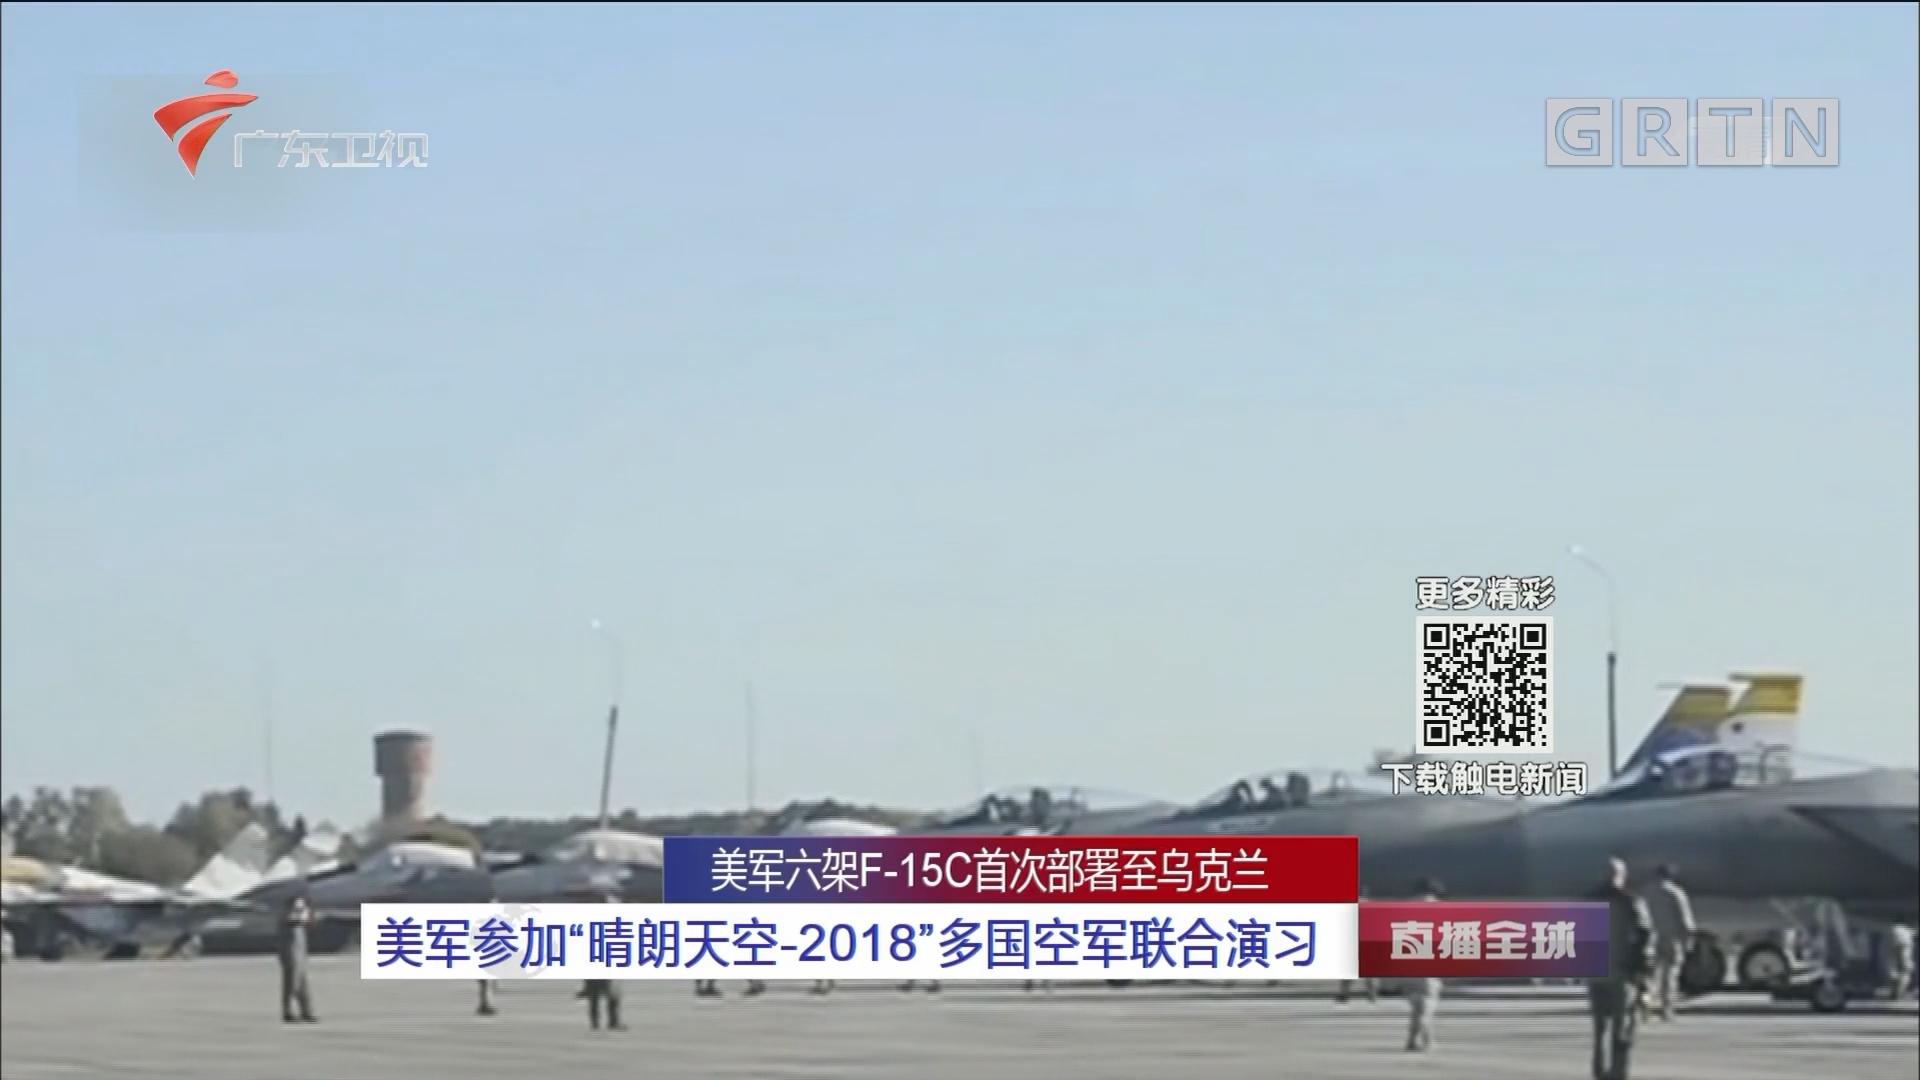 """美军六架F-15C首次部署至乌克兰:美军参加""""晴朗天空-2018""""多国空军联合演习"""